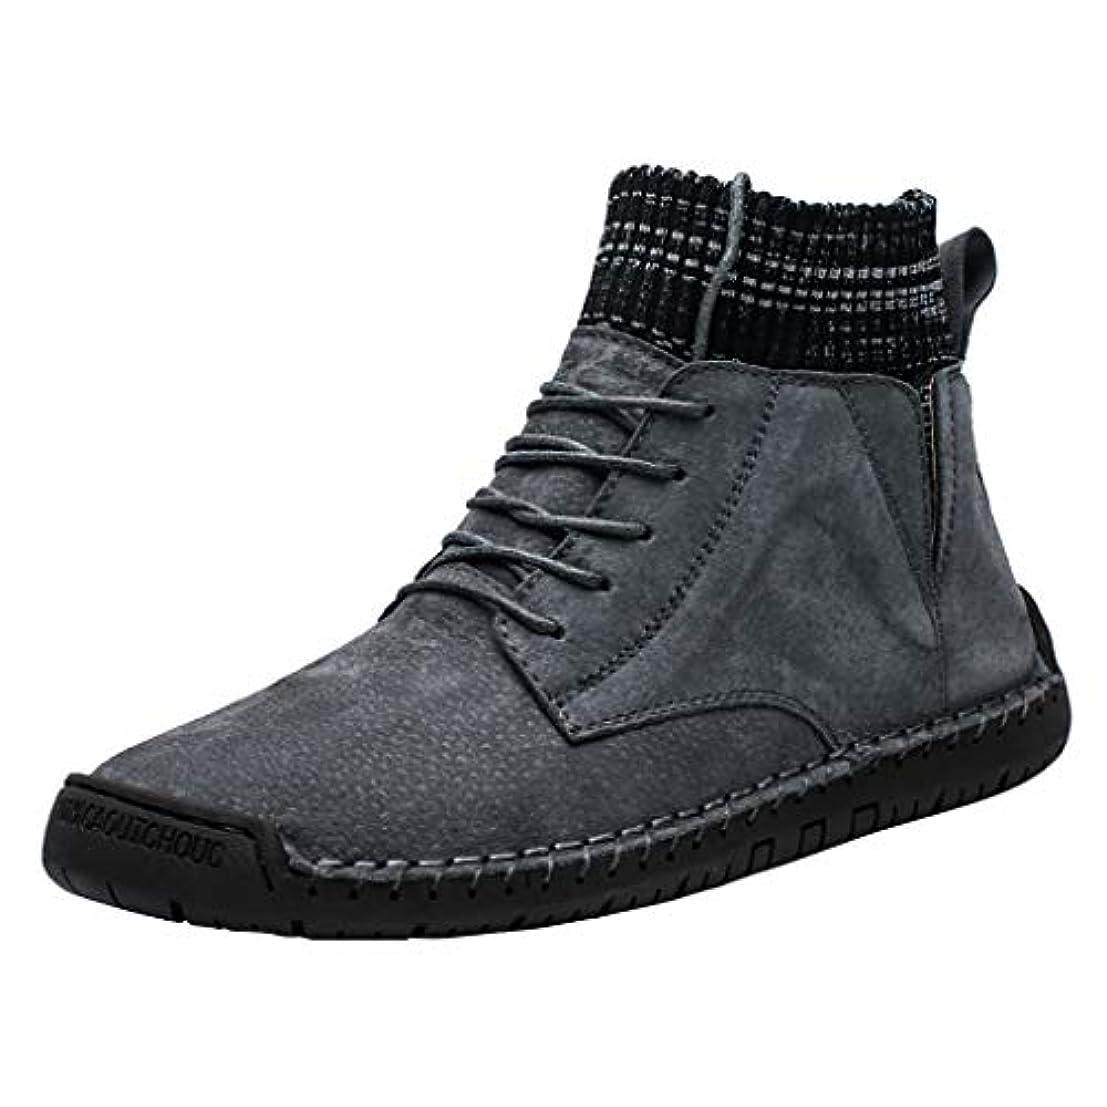 真実追い払うトランペット[Lefthigh] ヴィンテージ コンバットブーツ スエード メンズ カジュアル プラス ベルベット 暖かい ソックス 機関車 工具靴